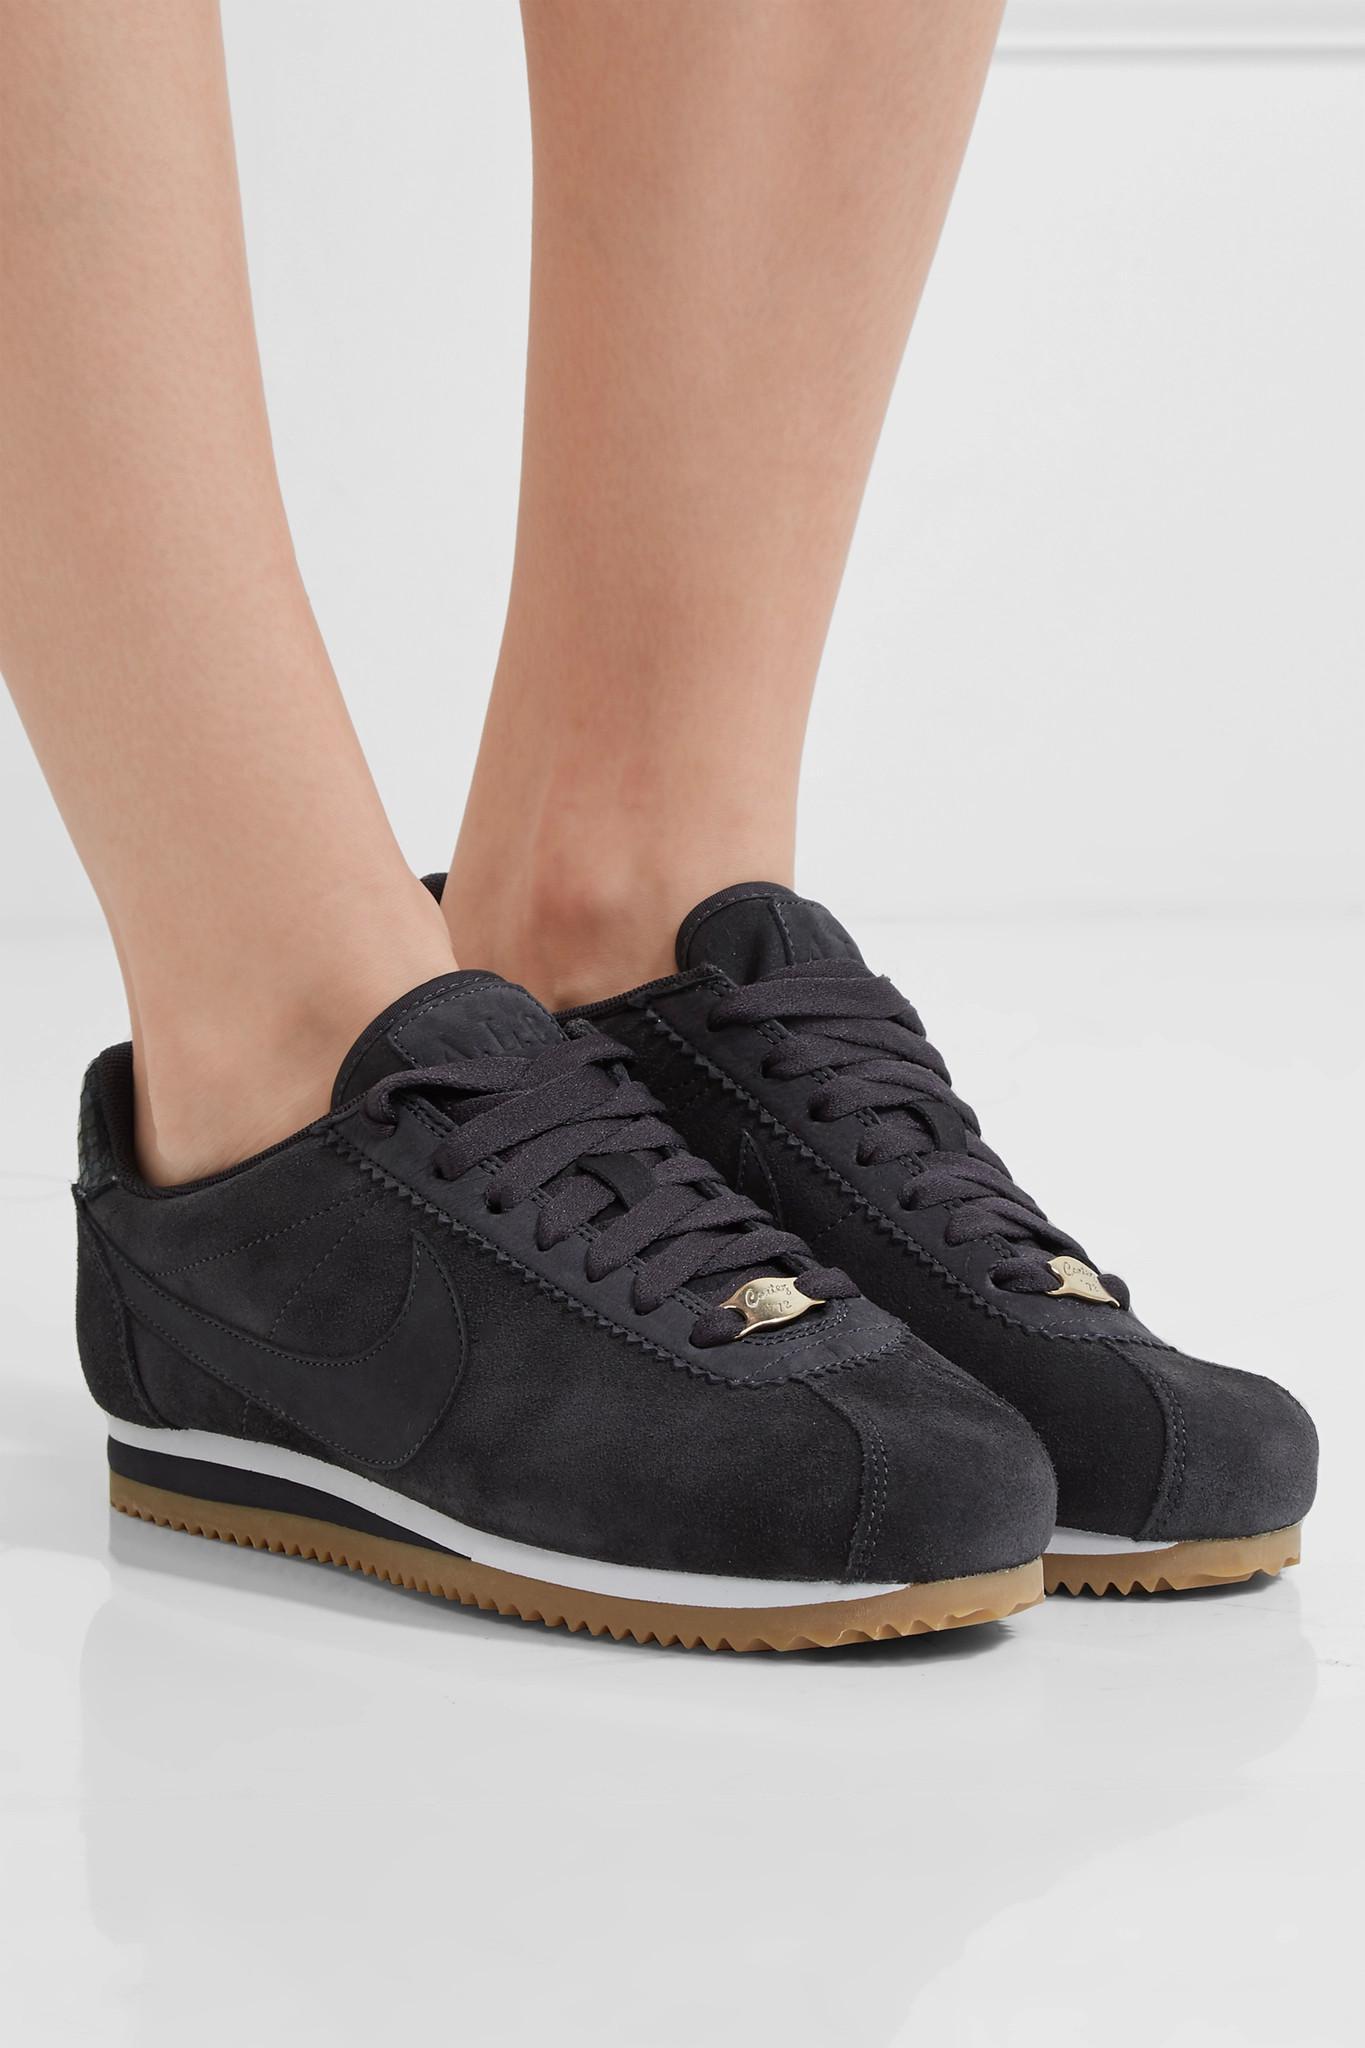 cbd38834b33582 Lyst - Nike A.l.c. Classic Cortez Suede Sneakers